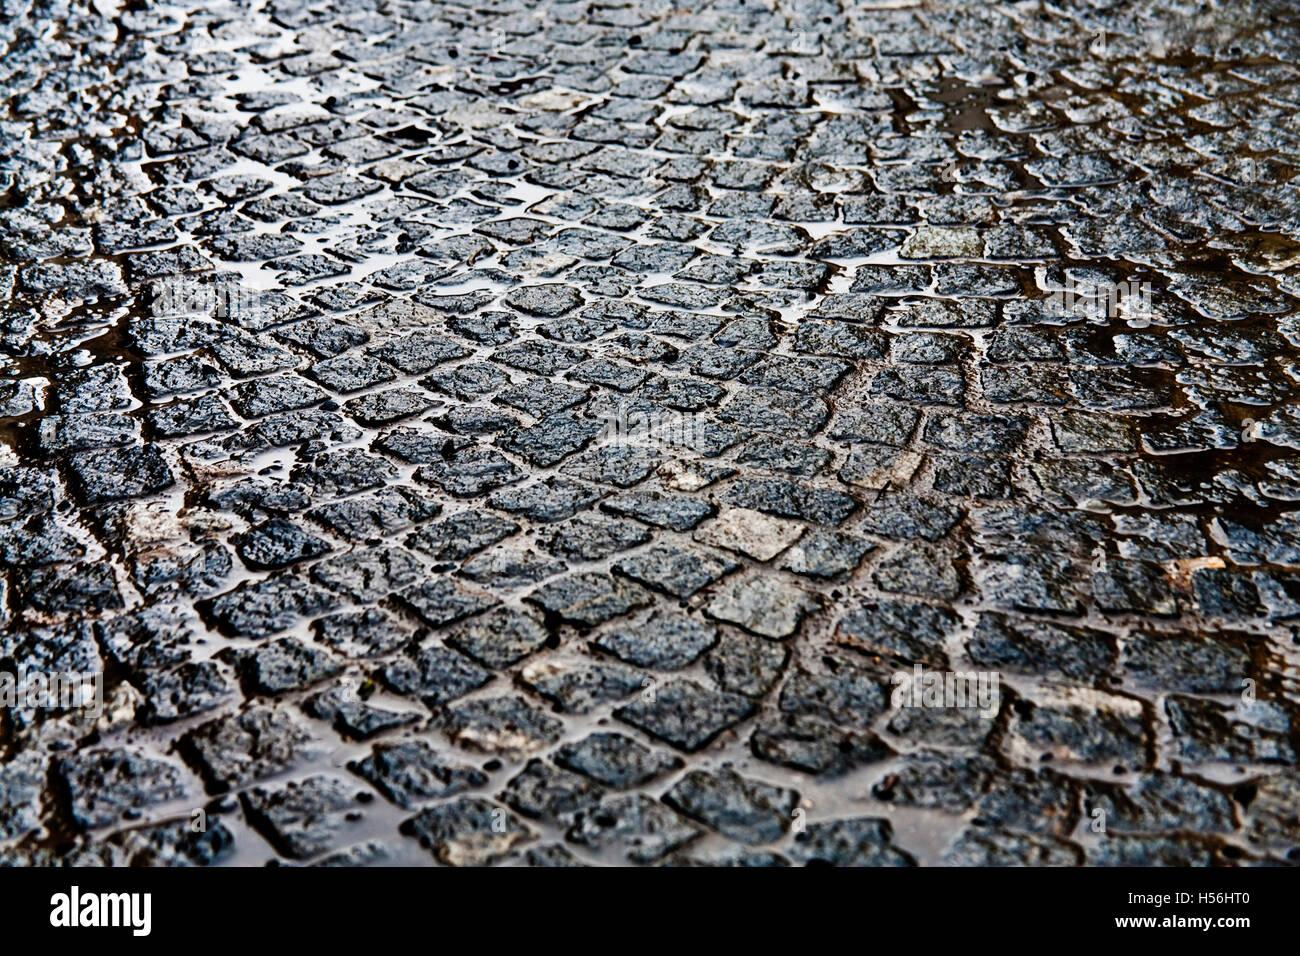 Cobblestones in the rain - Stock Image